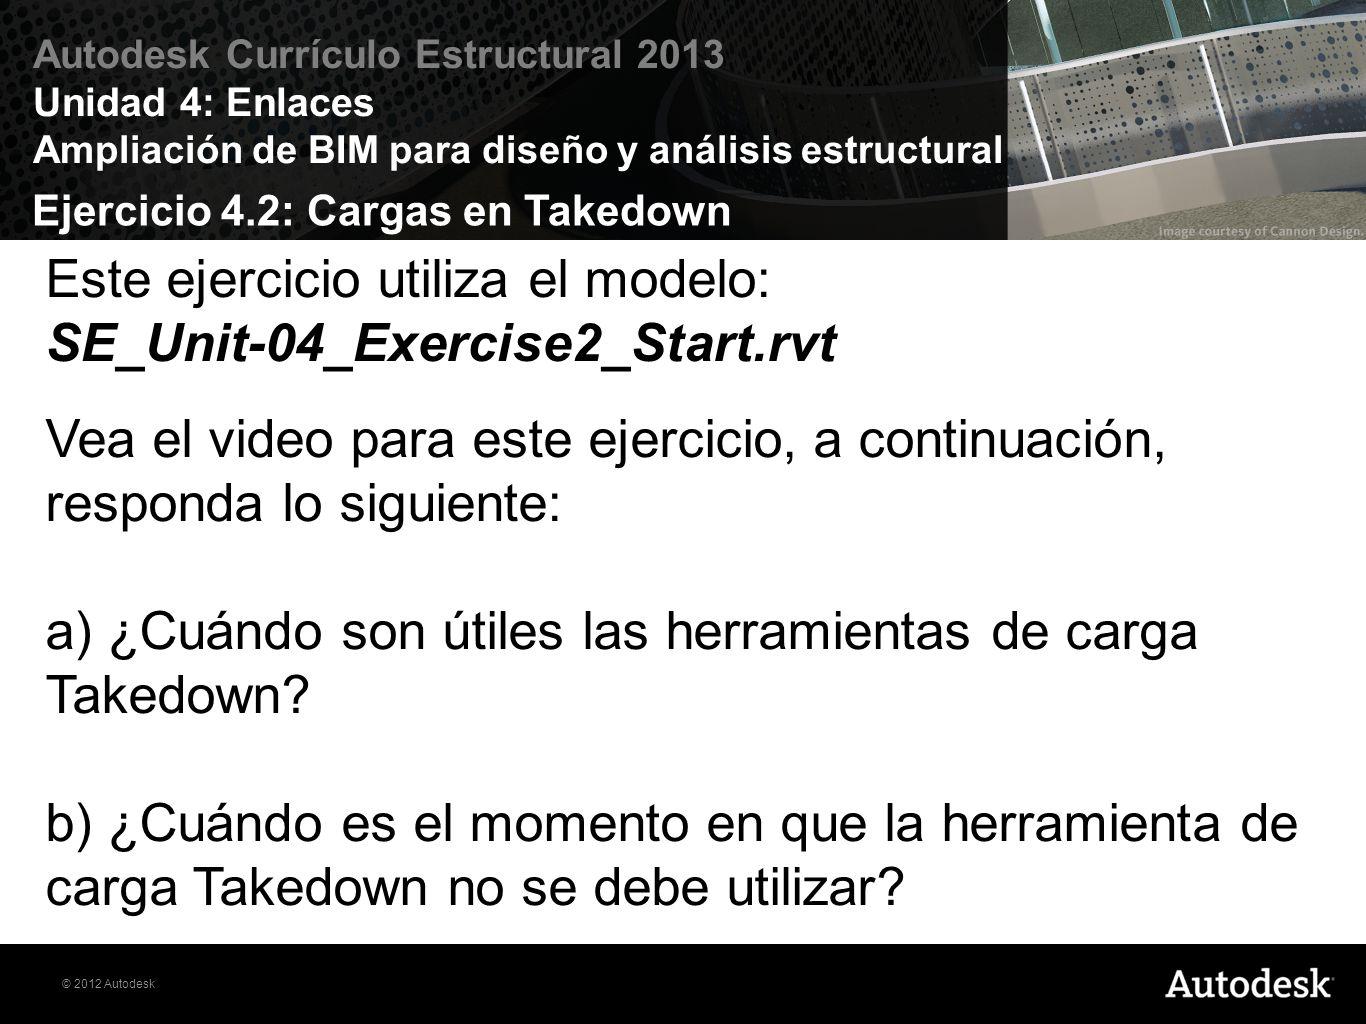 Ejercicio 4.2: Cargas en Takedown